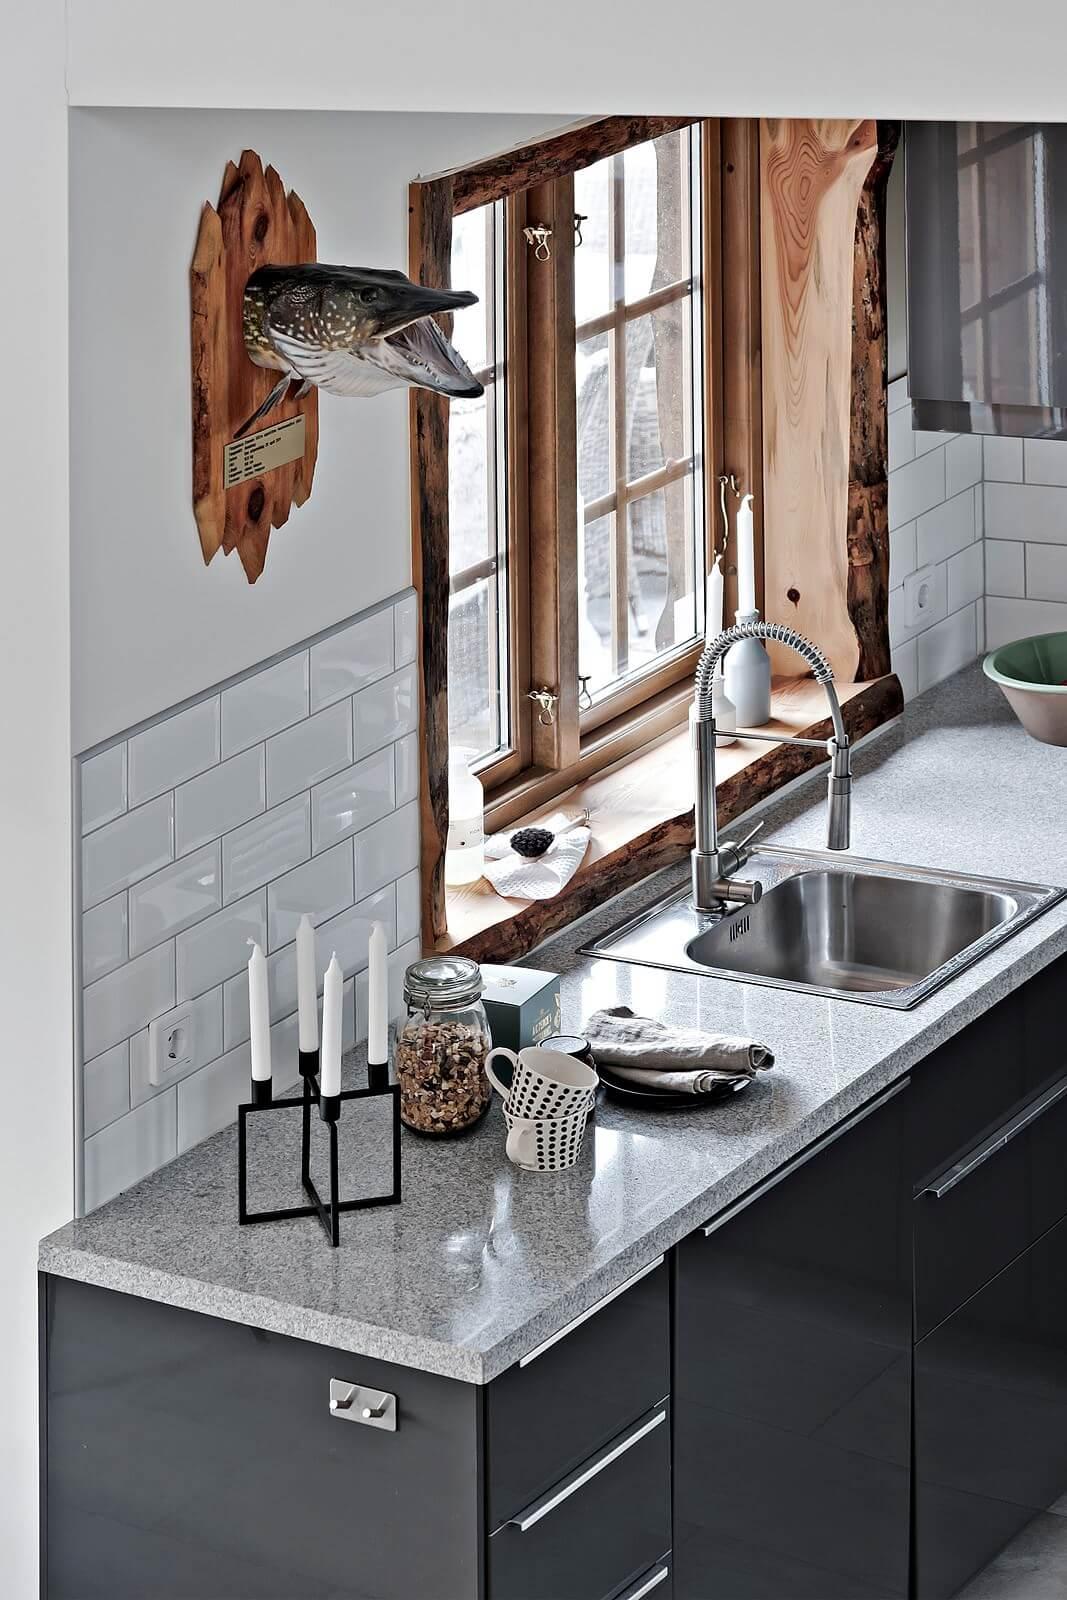 Un accogliente cottage casa di stile for Case di stile